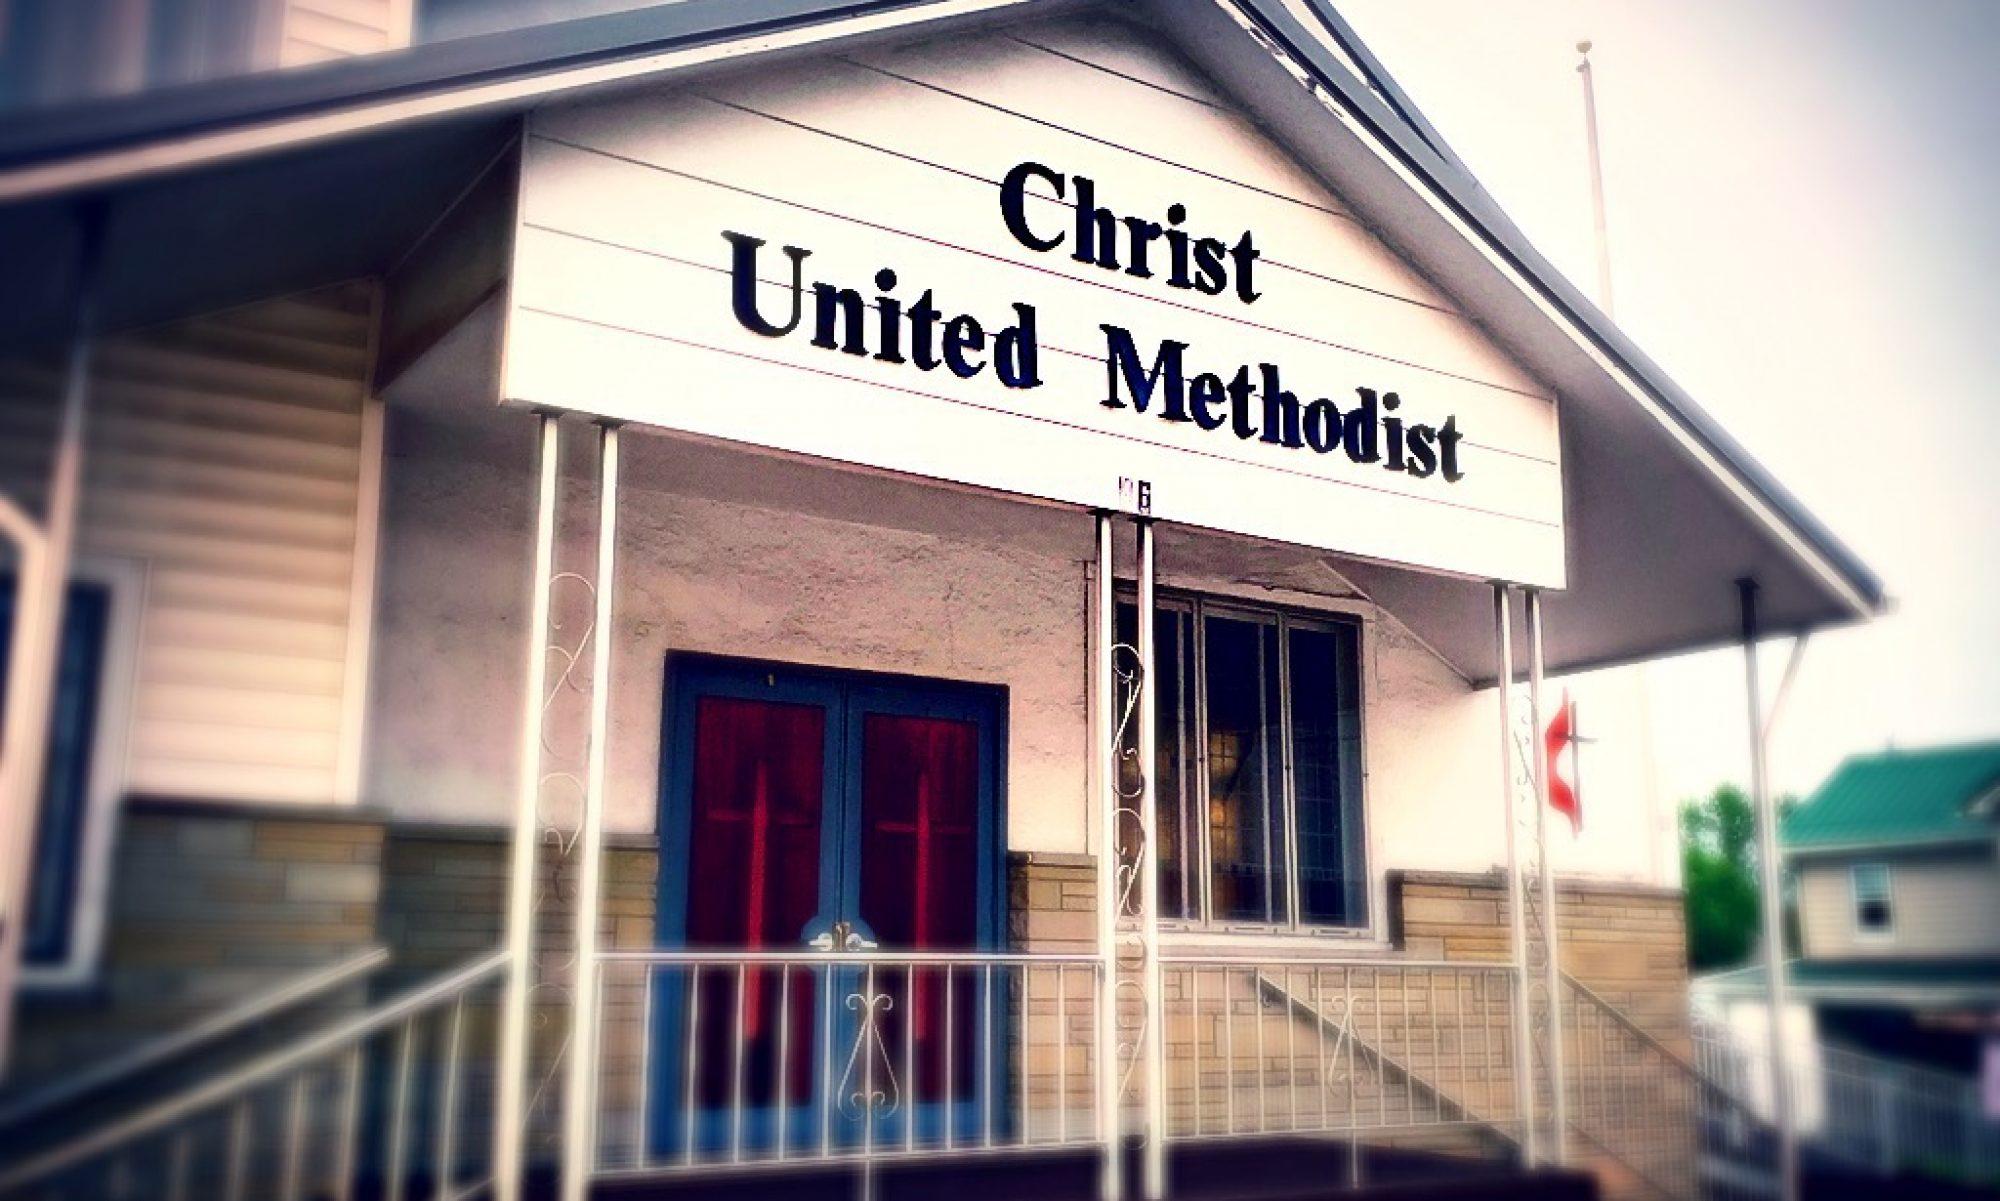 South Webster Christ